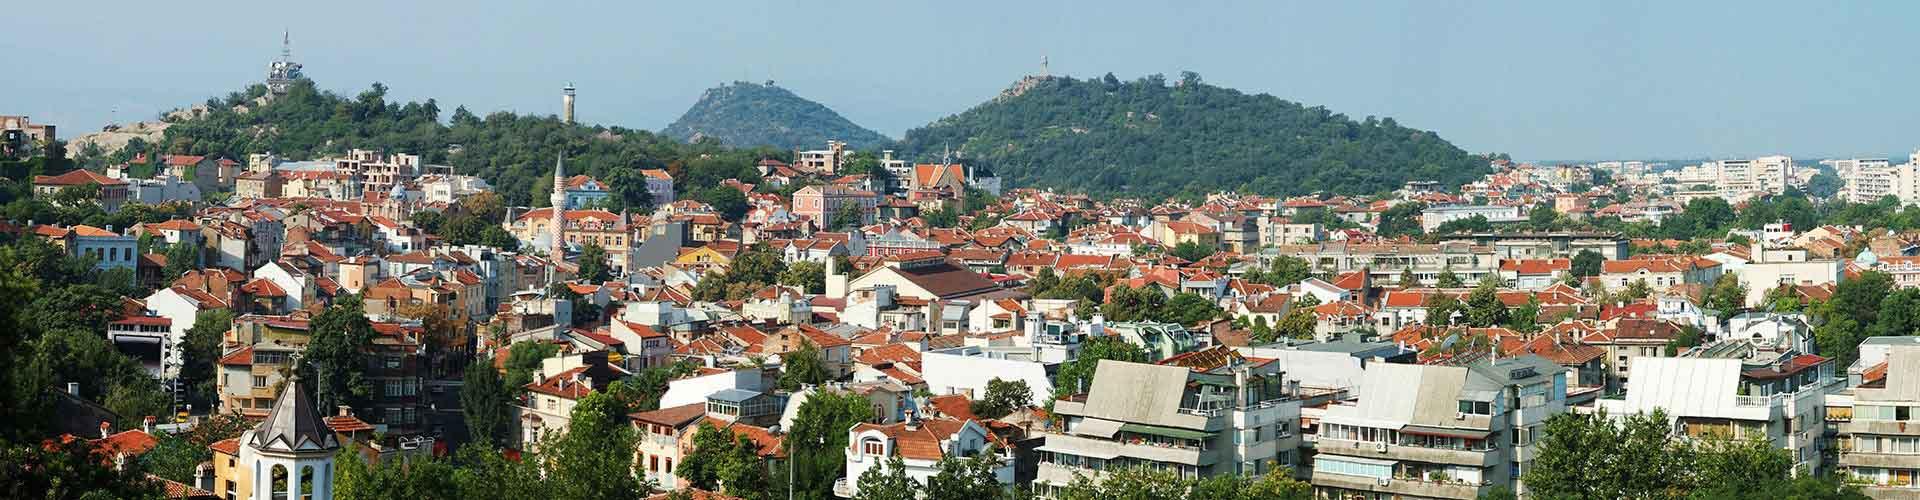 Plovdiv - Appartements dans le quartier de Rayon Centralen. Cartes pour Plovdiv, photos et commentaires pour chaque appartement à Plovdiv.